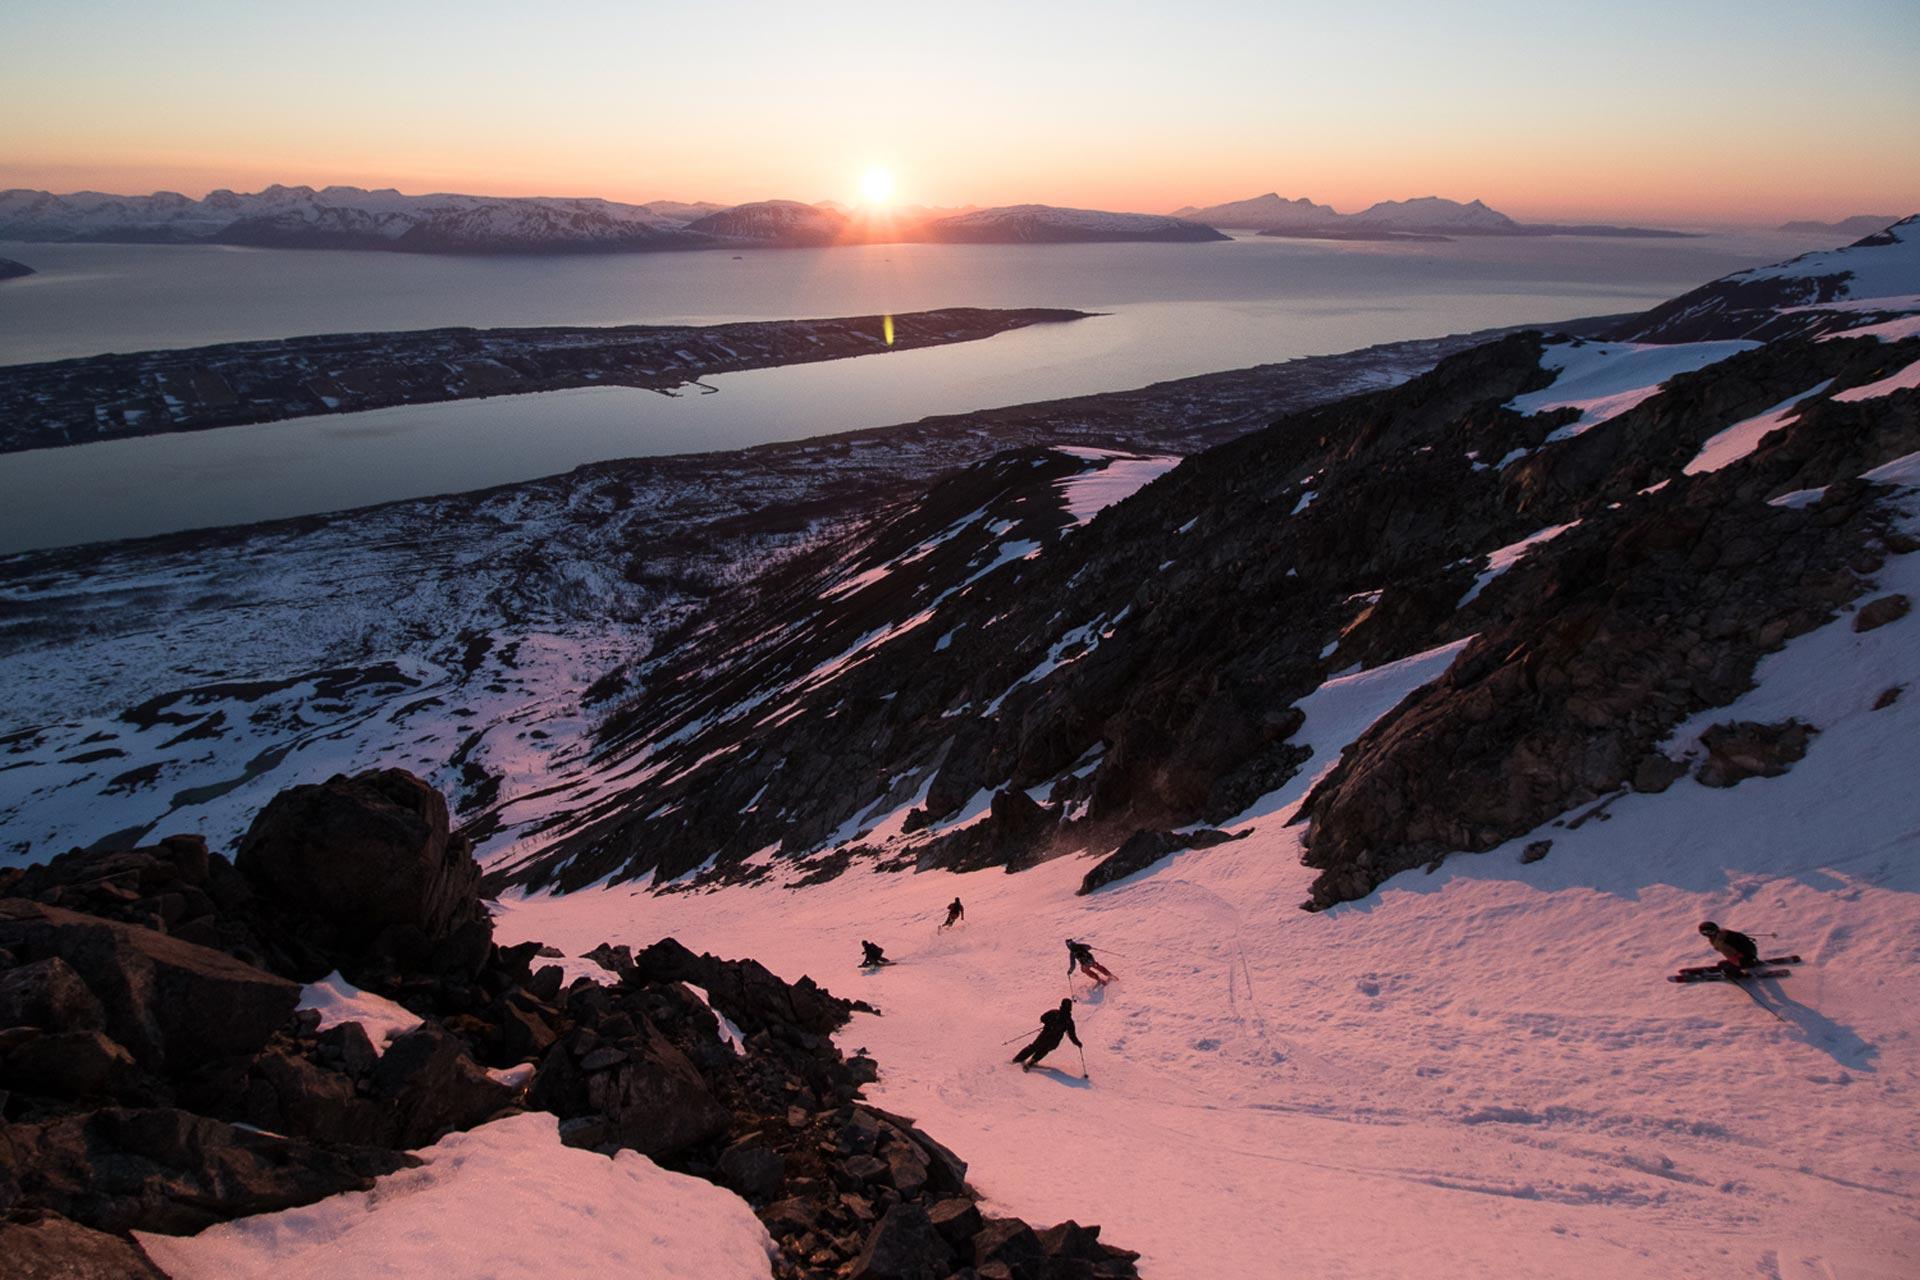 Kitschig? Vielleicht, aber geiler geht's trotzdem kaum! Sunset Crew Shred in Norwegen (Lofoten) - Foto: Hans-Martin Kudlinski